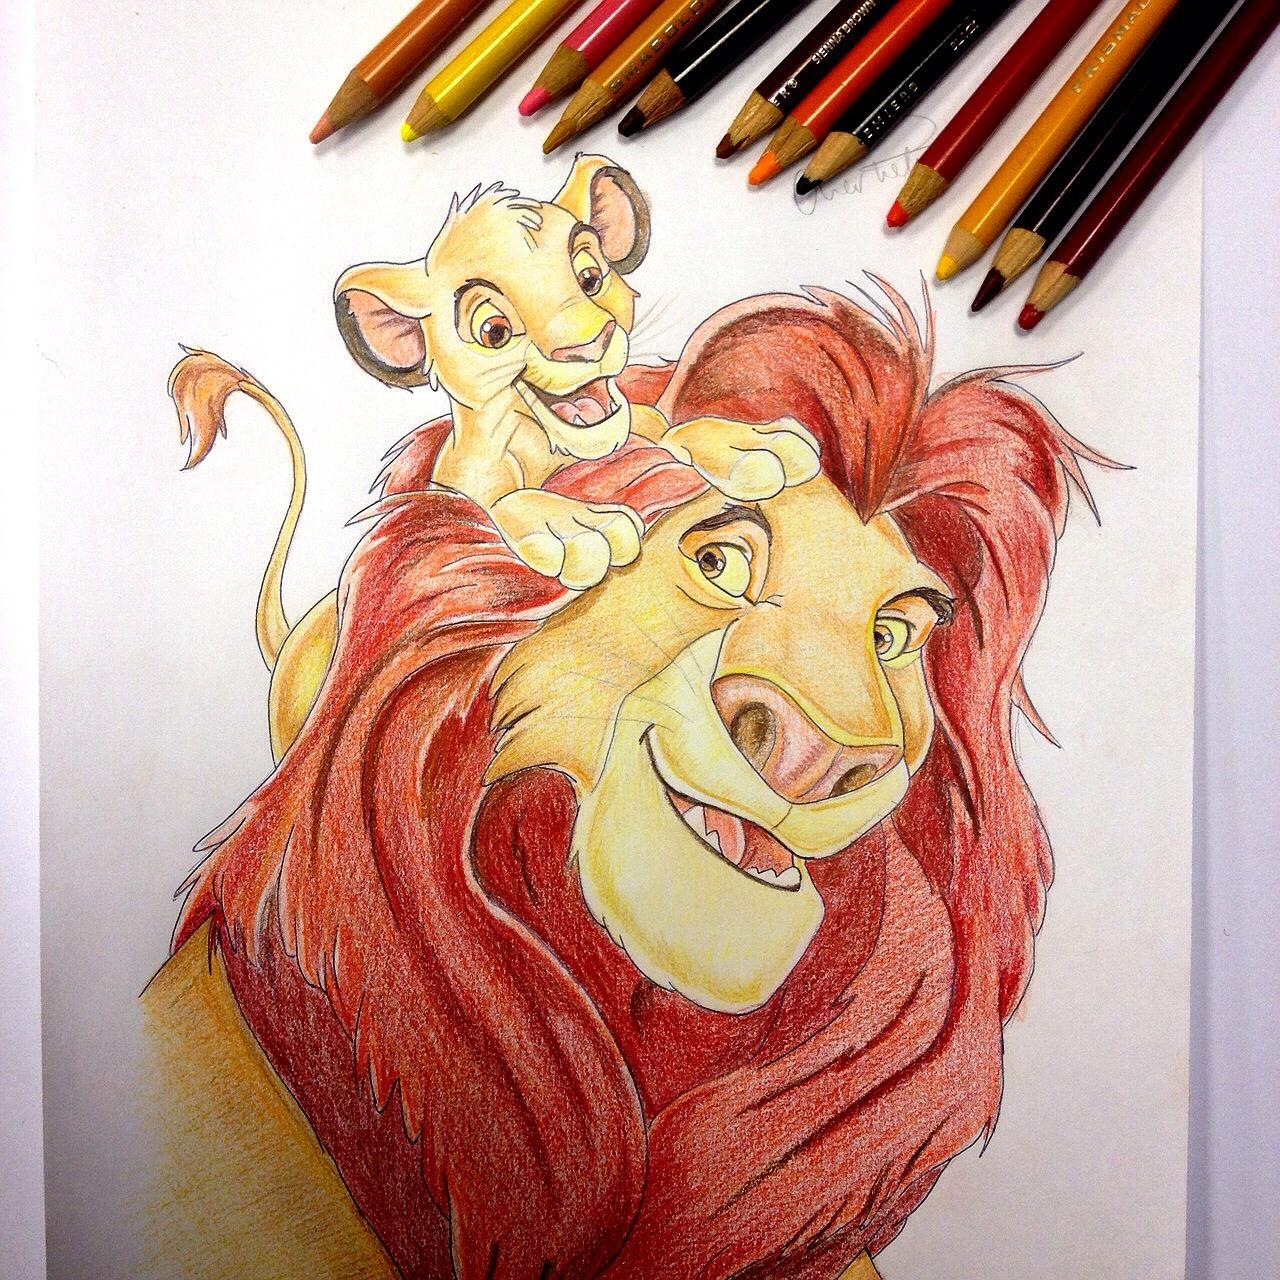 король лев рисунок цветной запрос кавычки